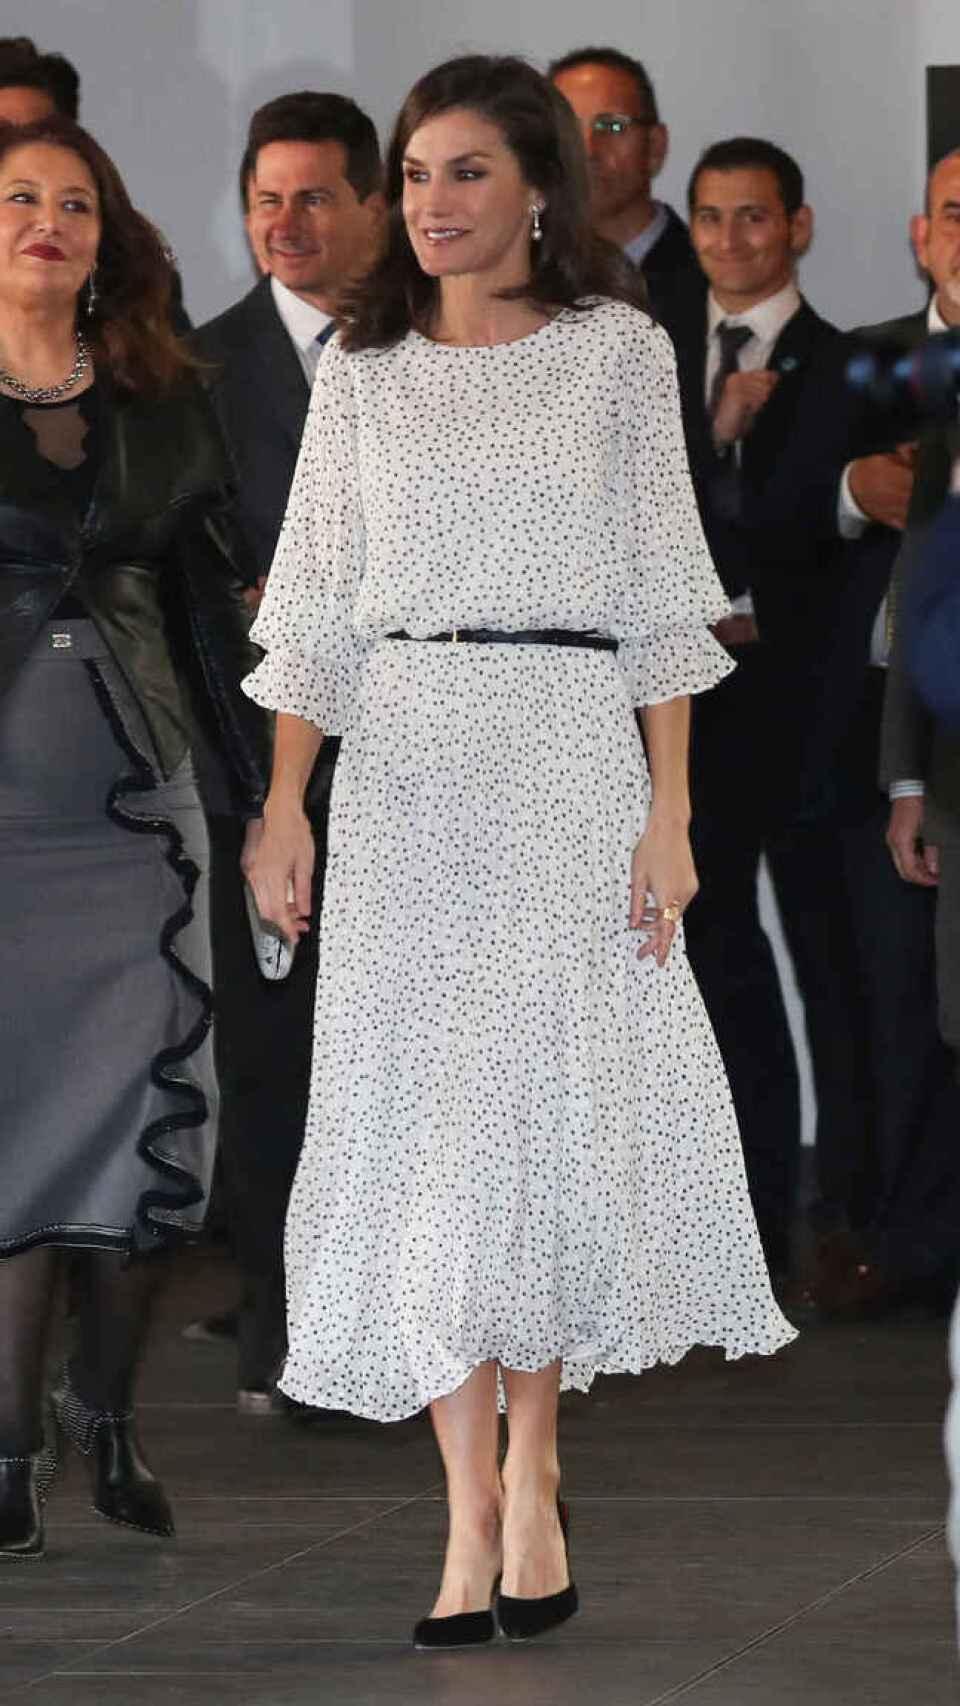 La reina Letizia en febrero de 2020 en El Rocío, luciendo el mismo 'look' de este lunes 27 de septiembre de 2021.